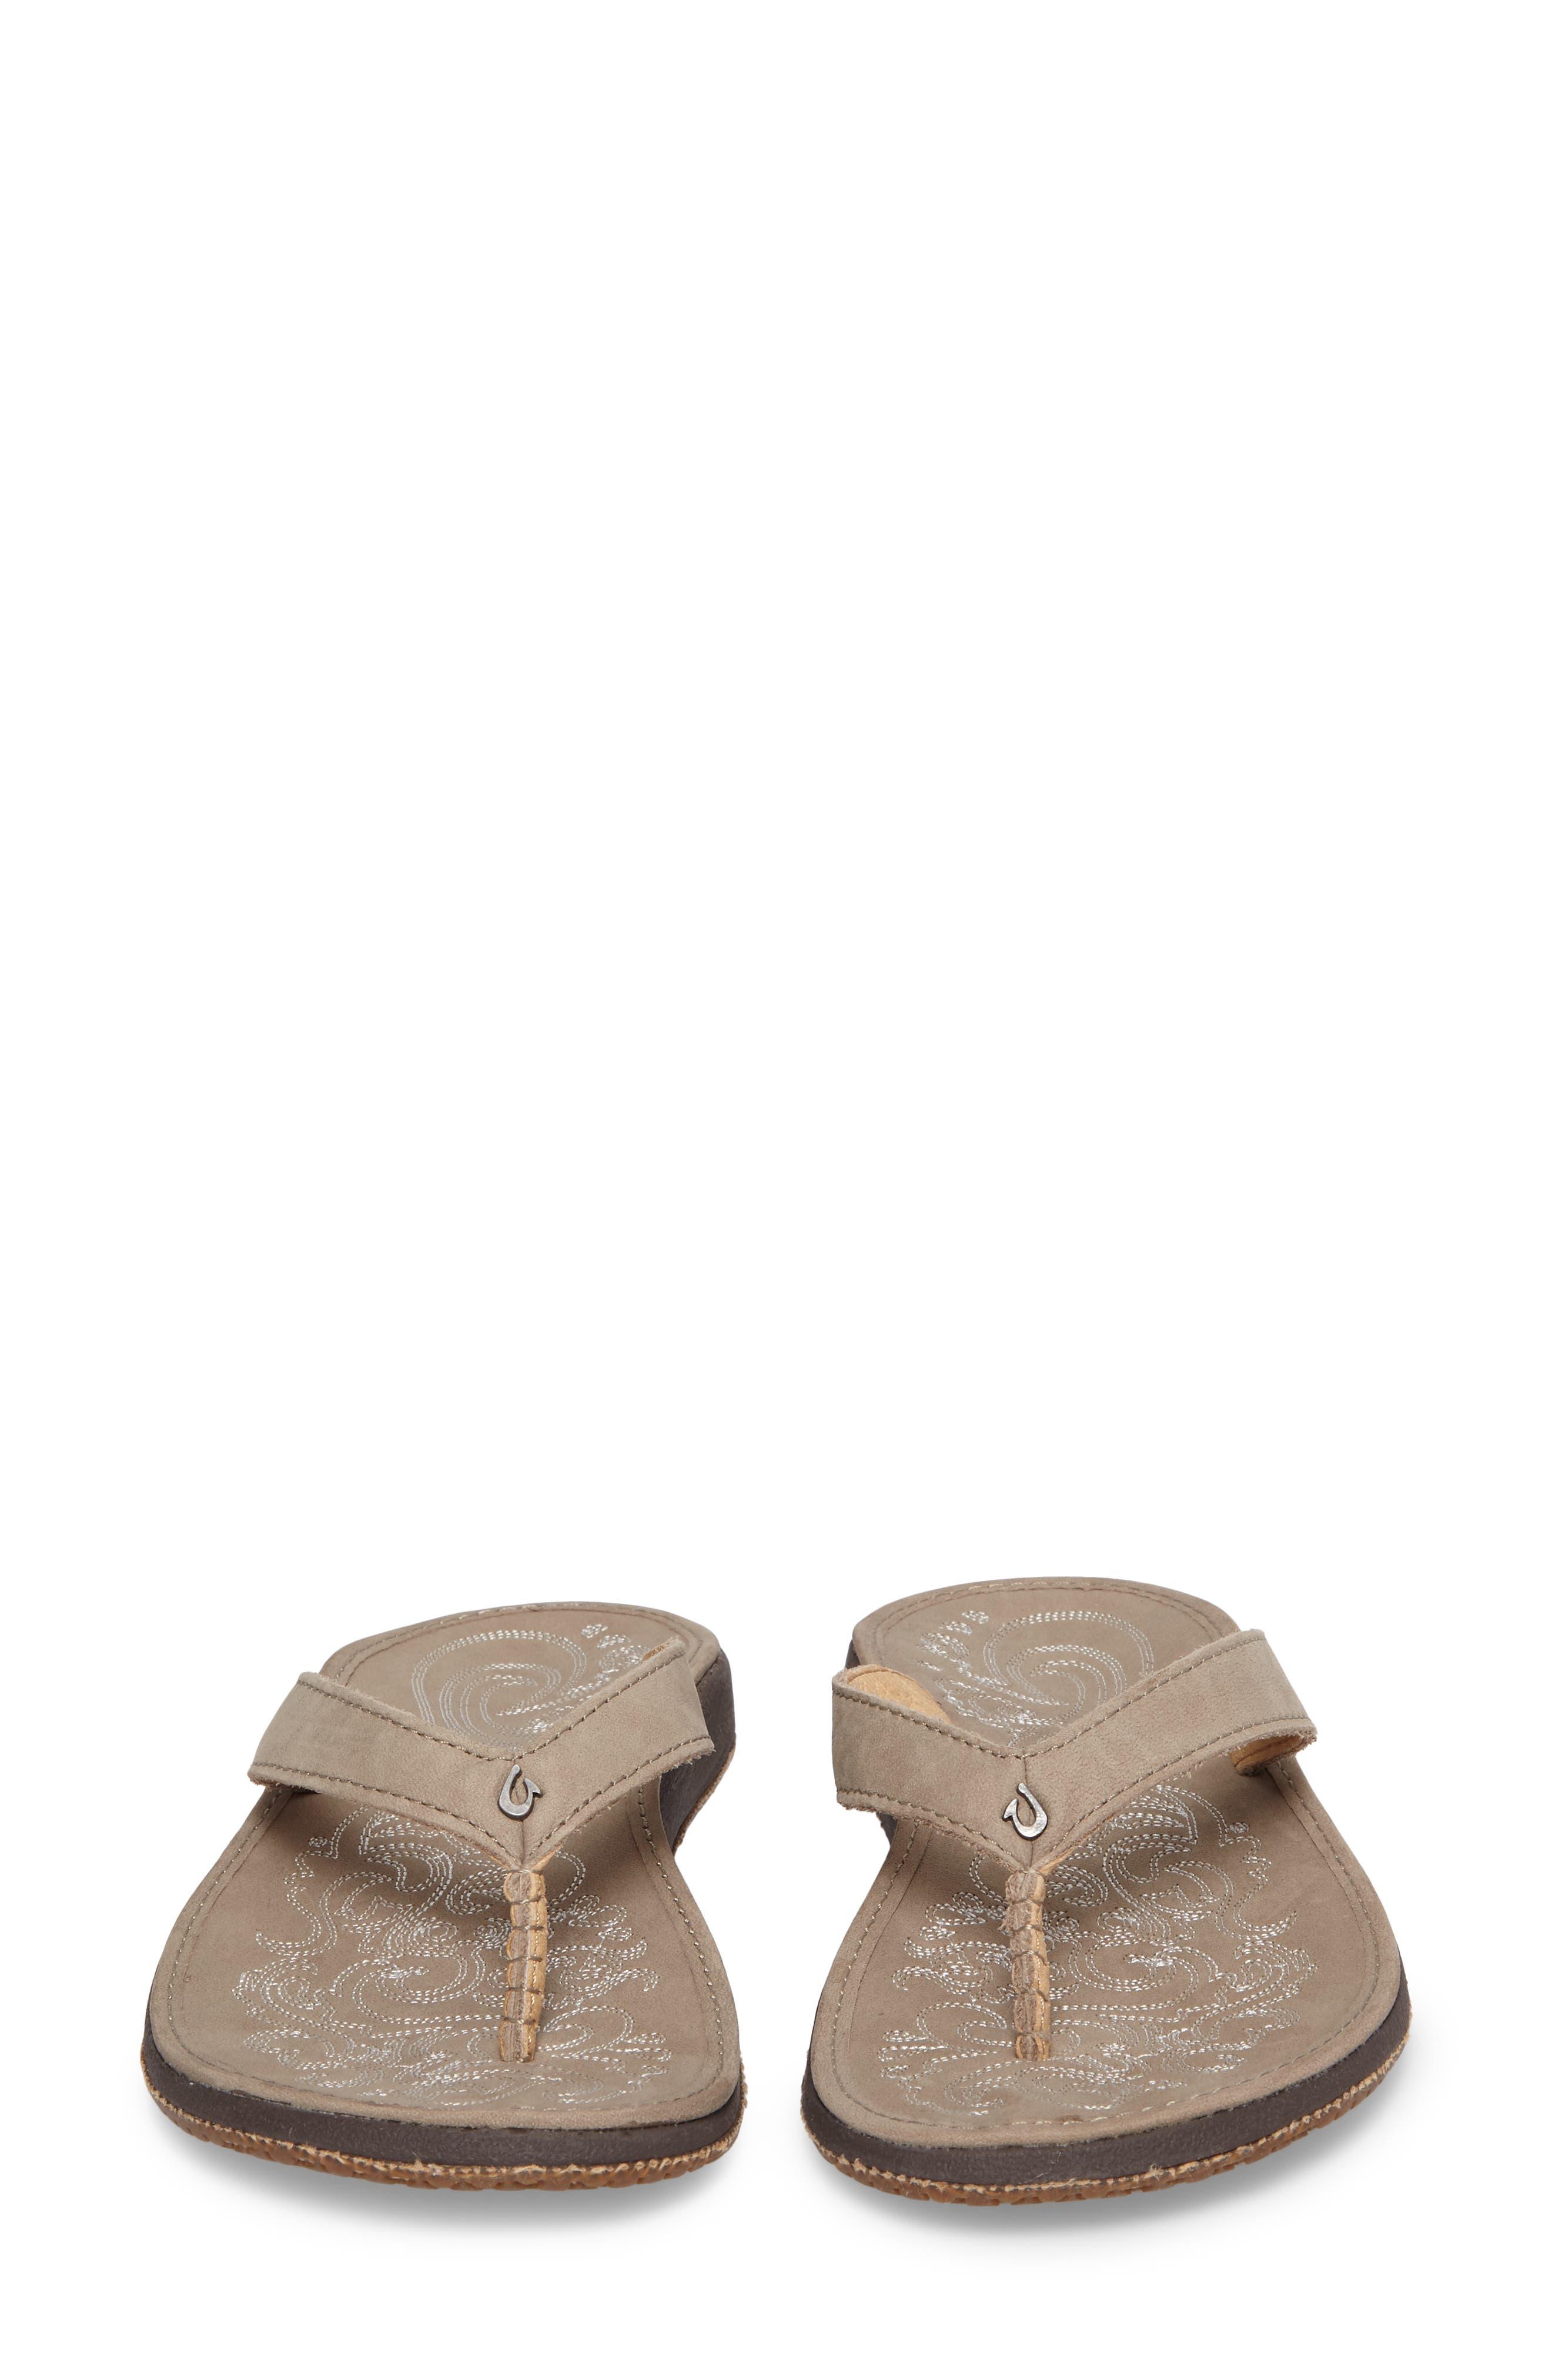 OLUKAI,                             'Paniolo' Thong Sandal,                             Alternate thumbnail 4, color,                             TAUPE/ TAUPE LEATHER